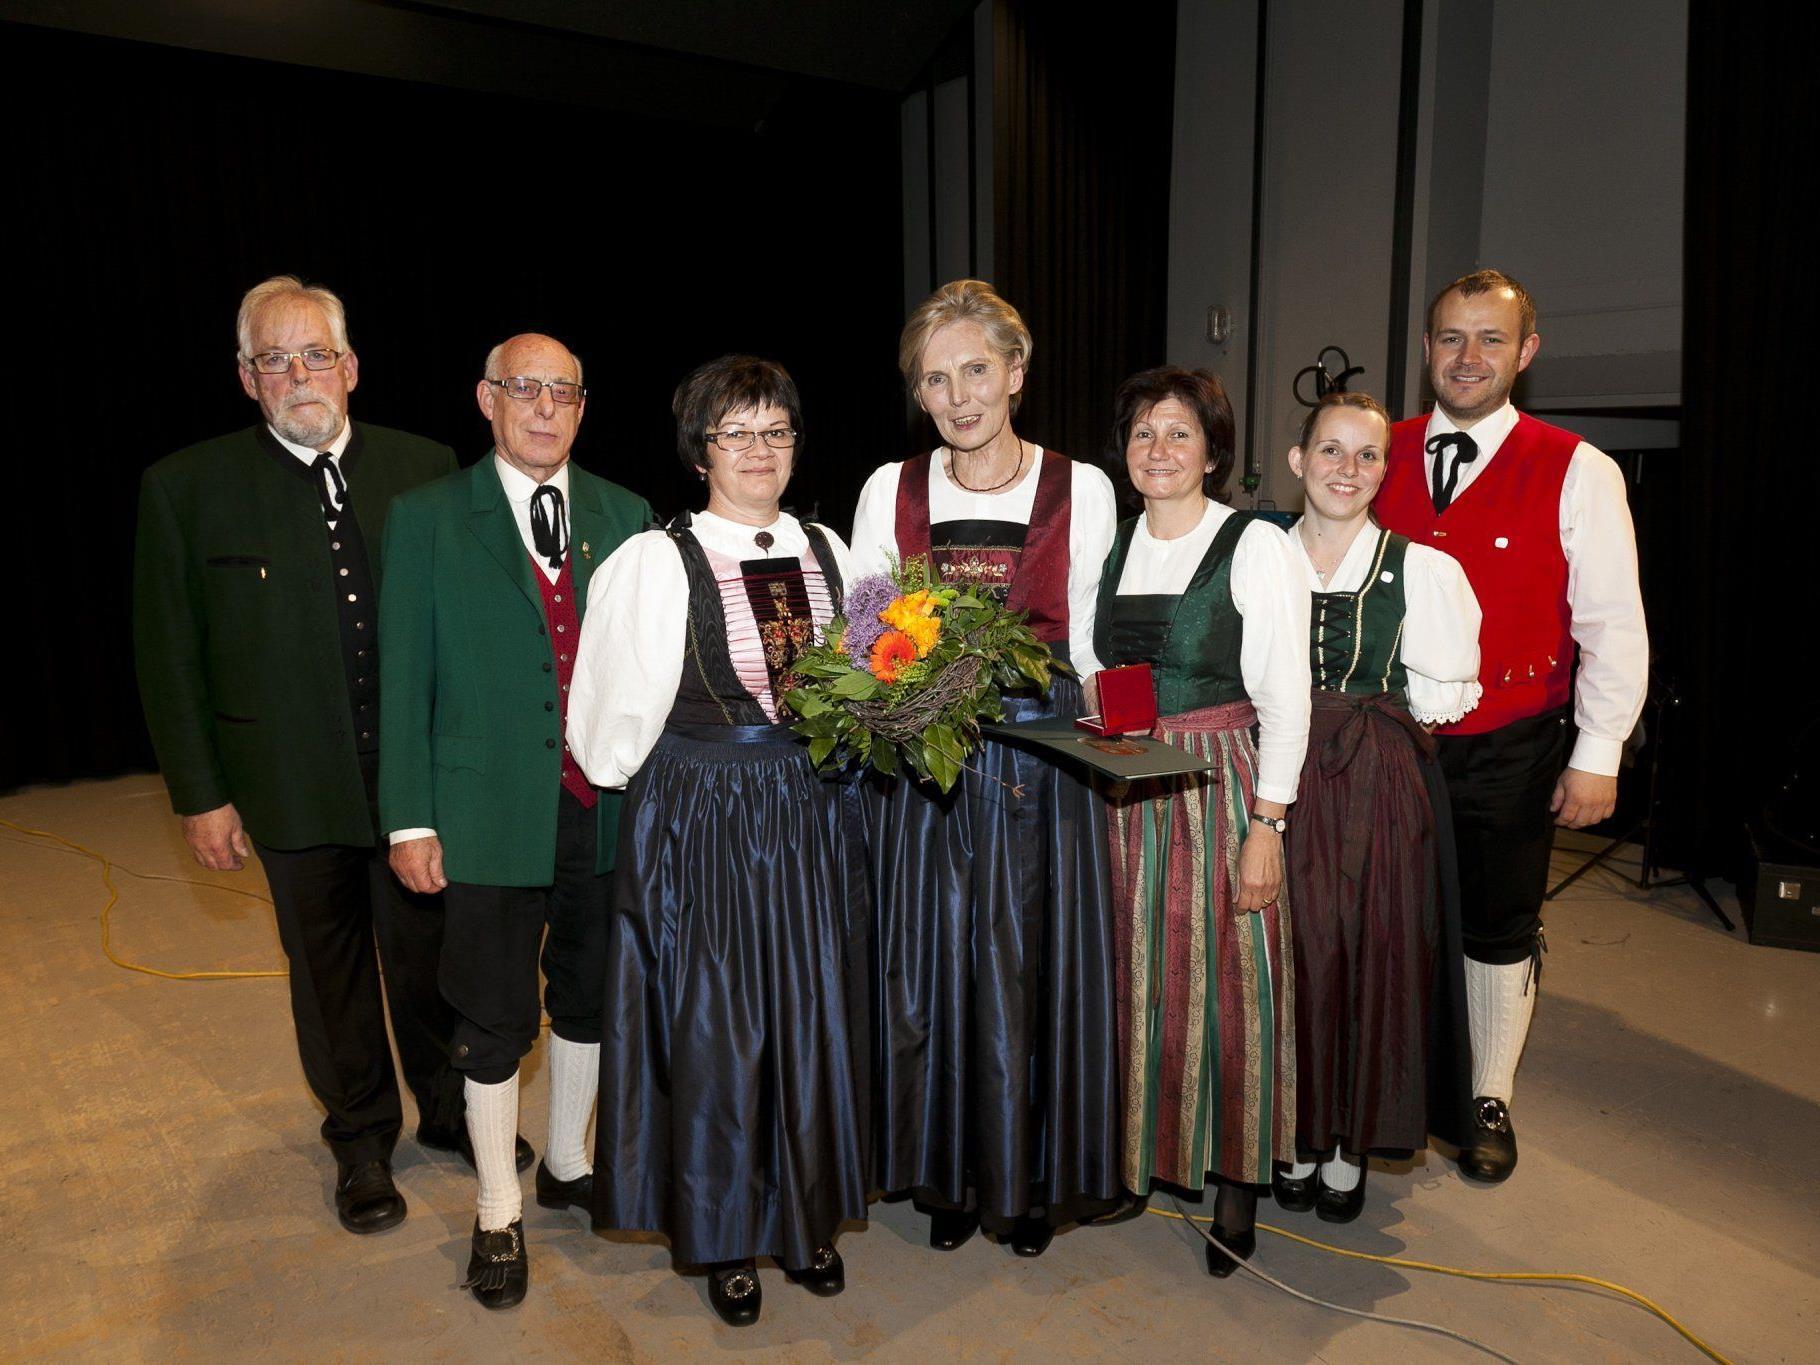 Landestrachtenreferentin Martina Mätzler erhielt die Goldene Ehrenmedaille, der Vorstand ) gratulierte.